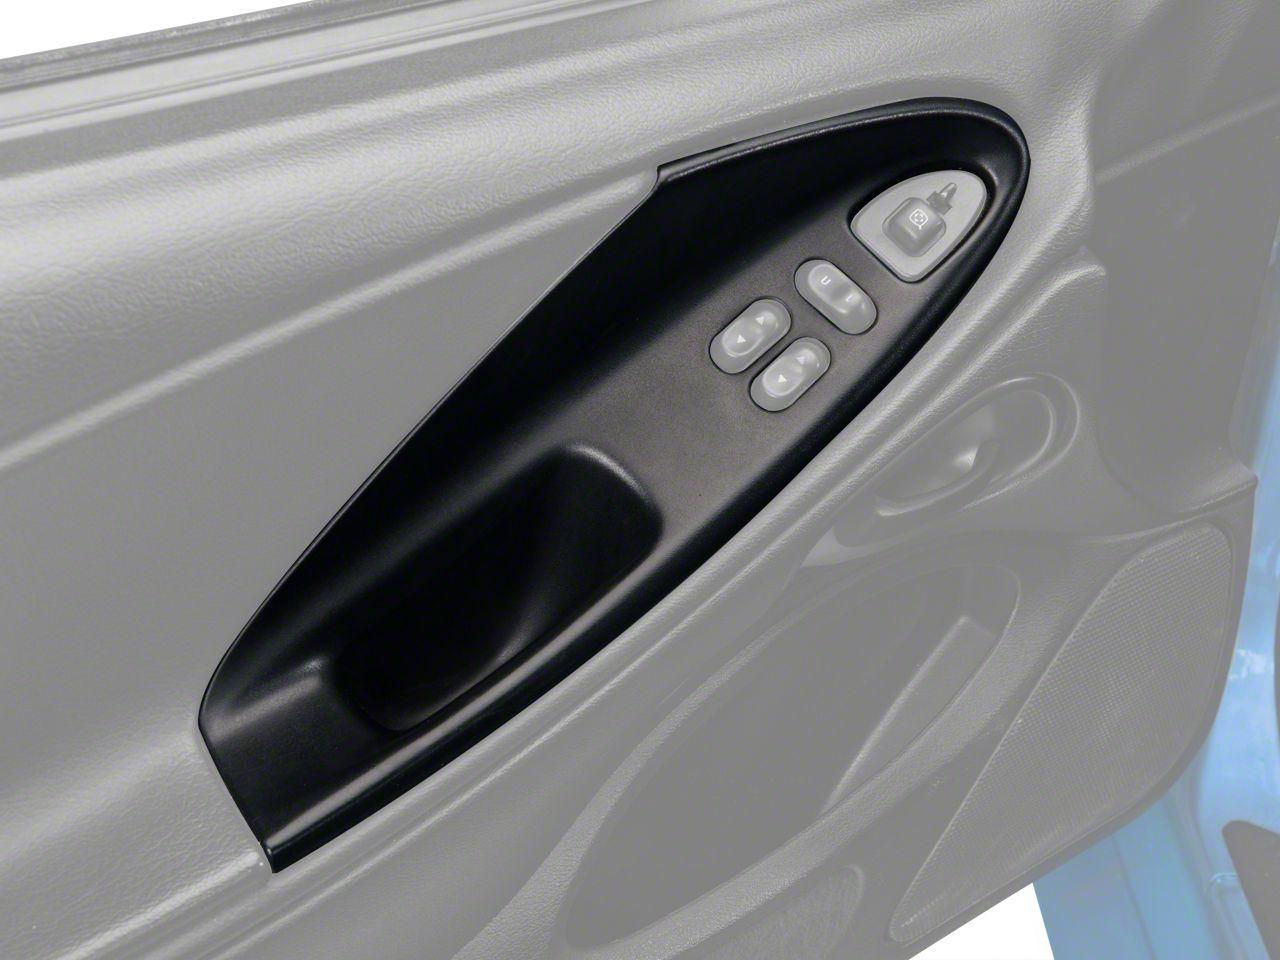 OPR Charcoal Door Panel Insert - Left Side (94-04 Coupe)